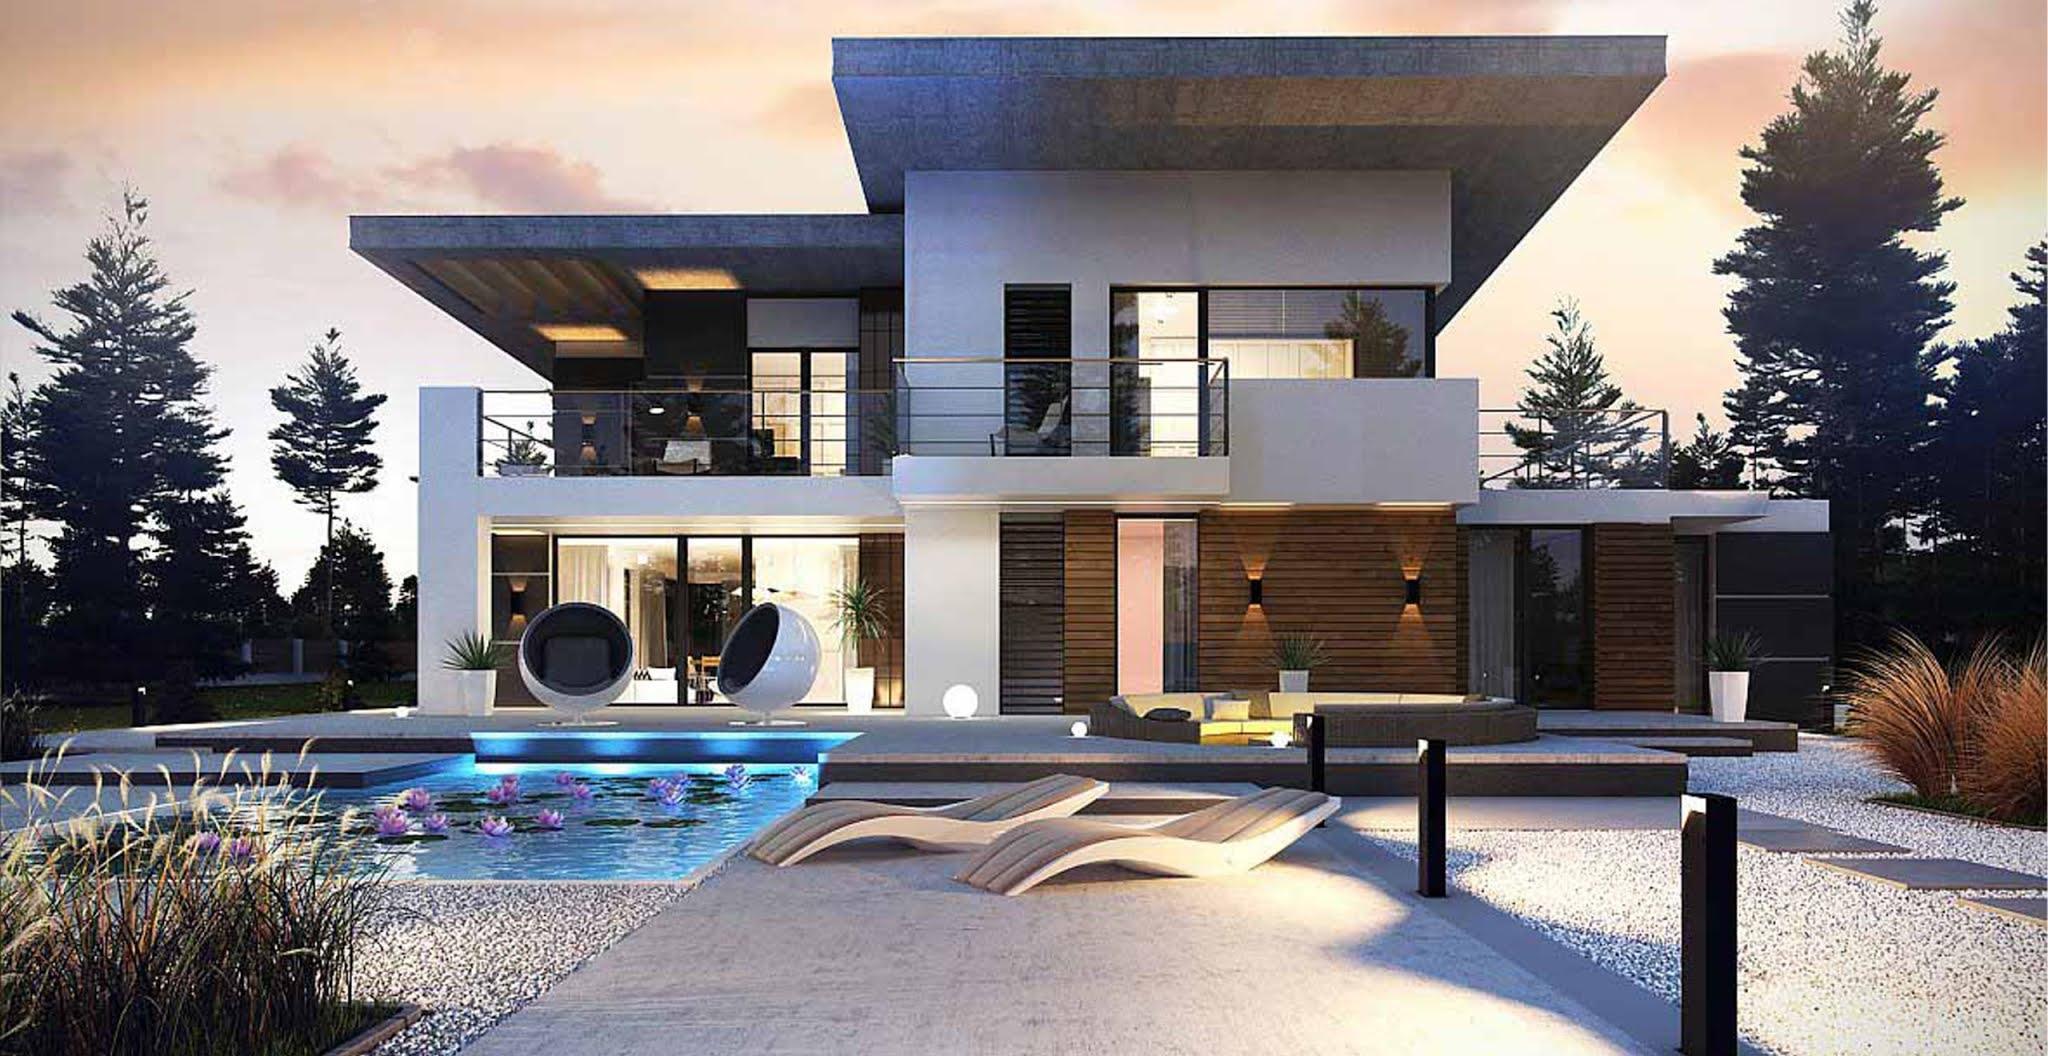 Plan De Maison Luxueuse De Prestige Plans Dessins Drummond 15